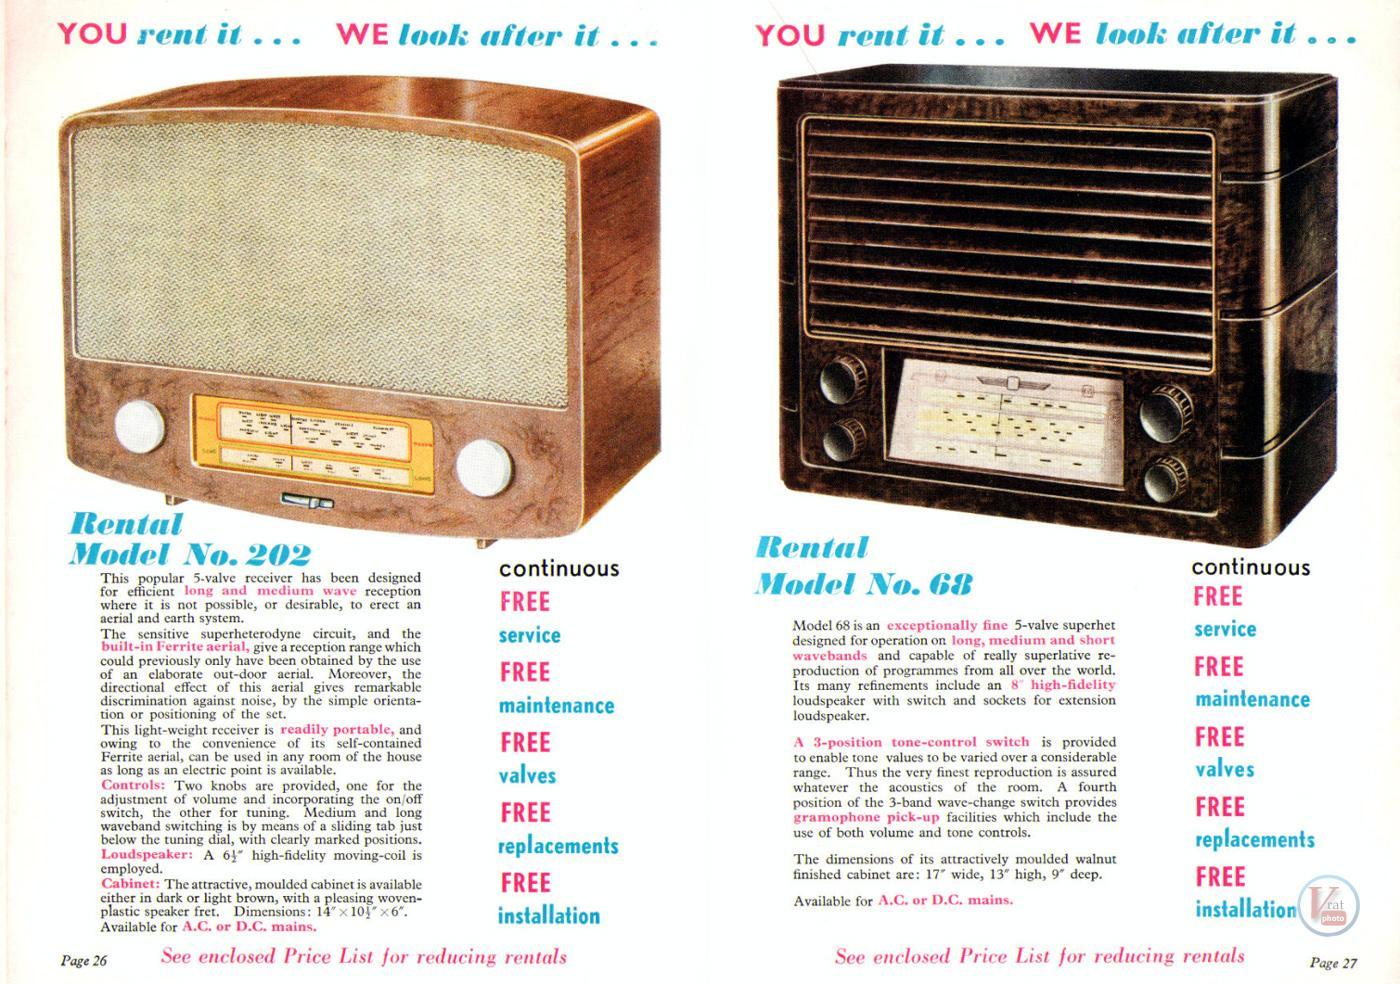 1957 Radio Rentals Catalogue 88